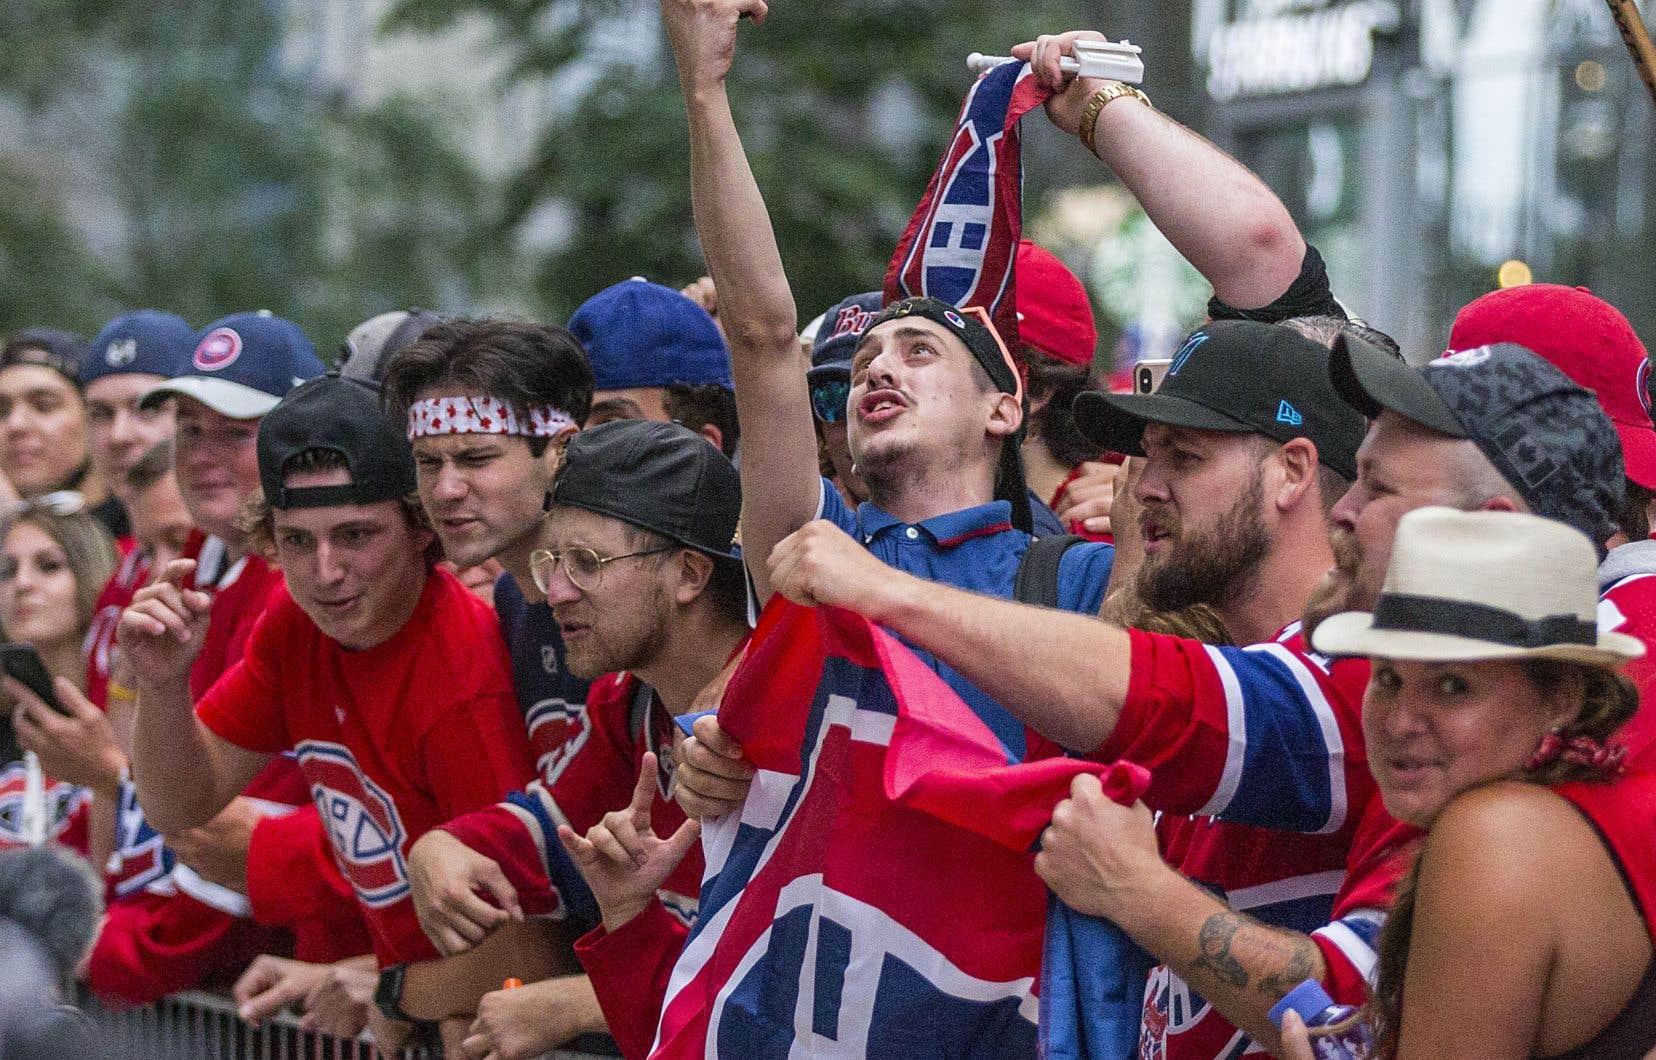 Des centaines de partisans sont réunispour encourager leurs favoris partout au Québec.